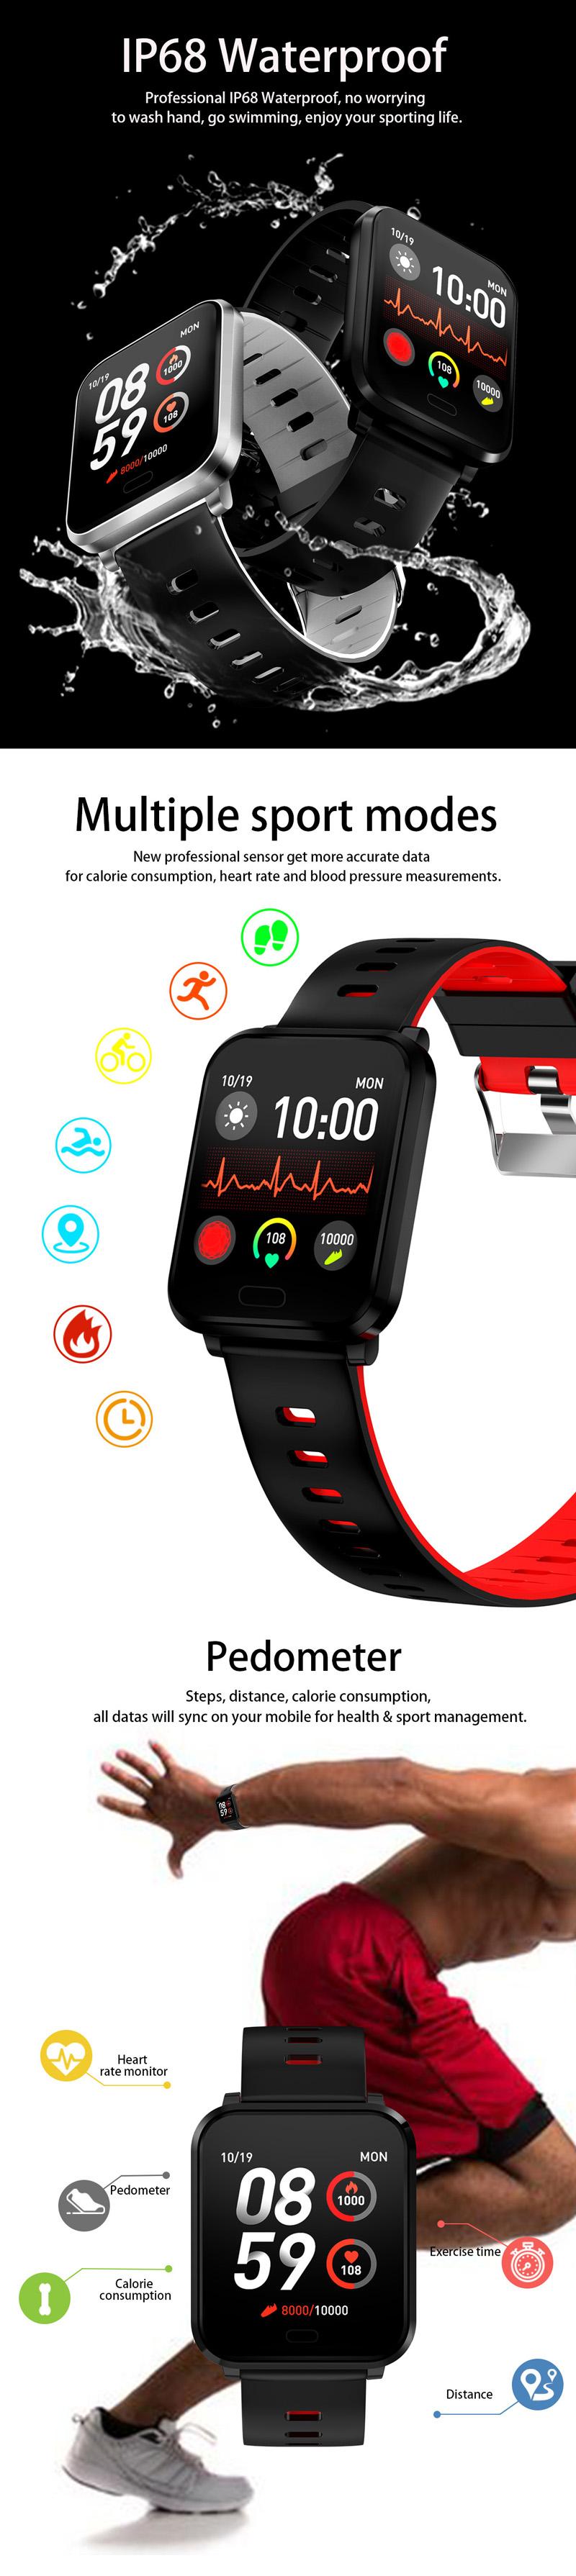 XANESK101,3-дюймовыйцветнойсенсорныйэкран Водонепроницаемы Smart Watch Несколько спортивных браслет Фитнес - фото 3